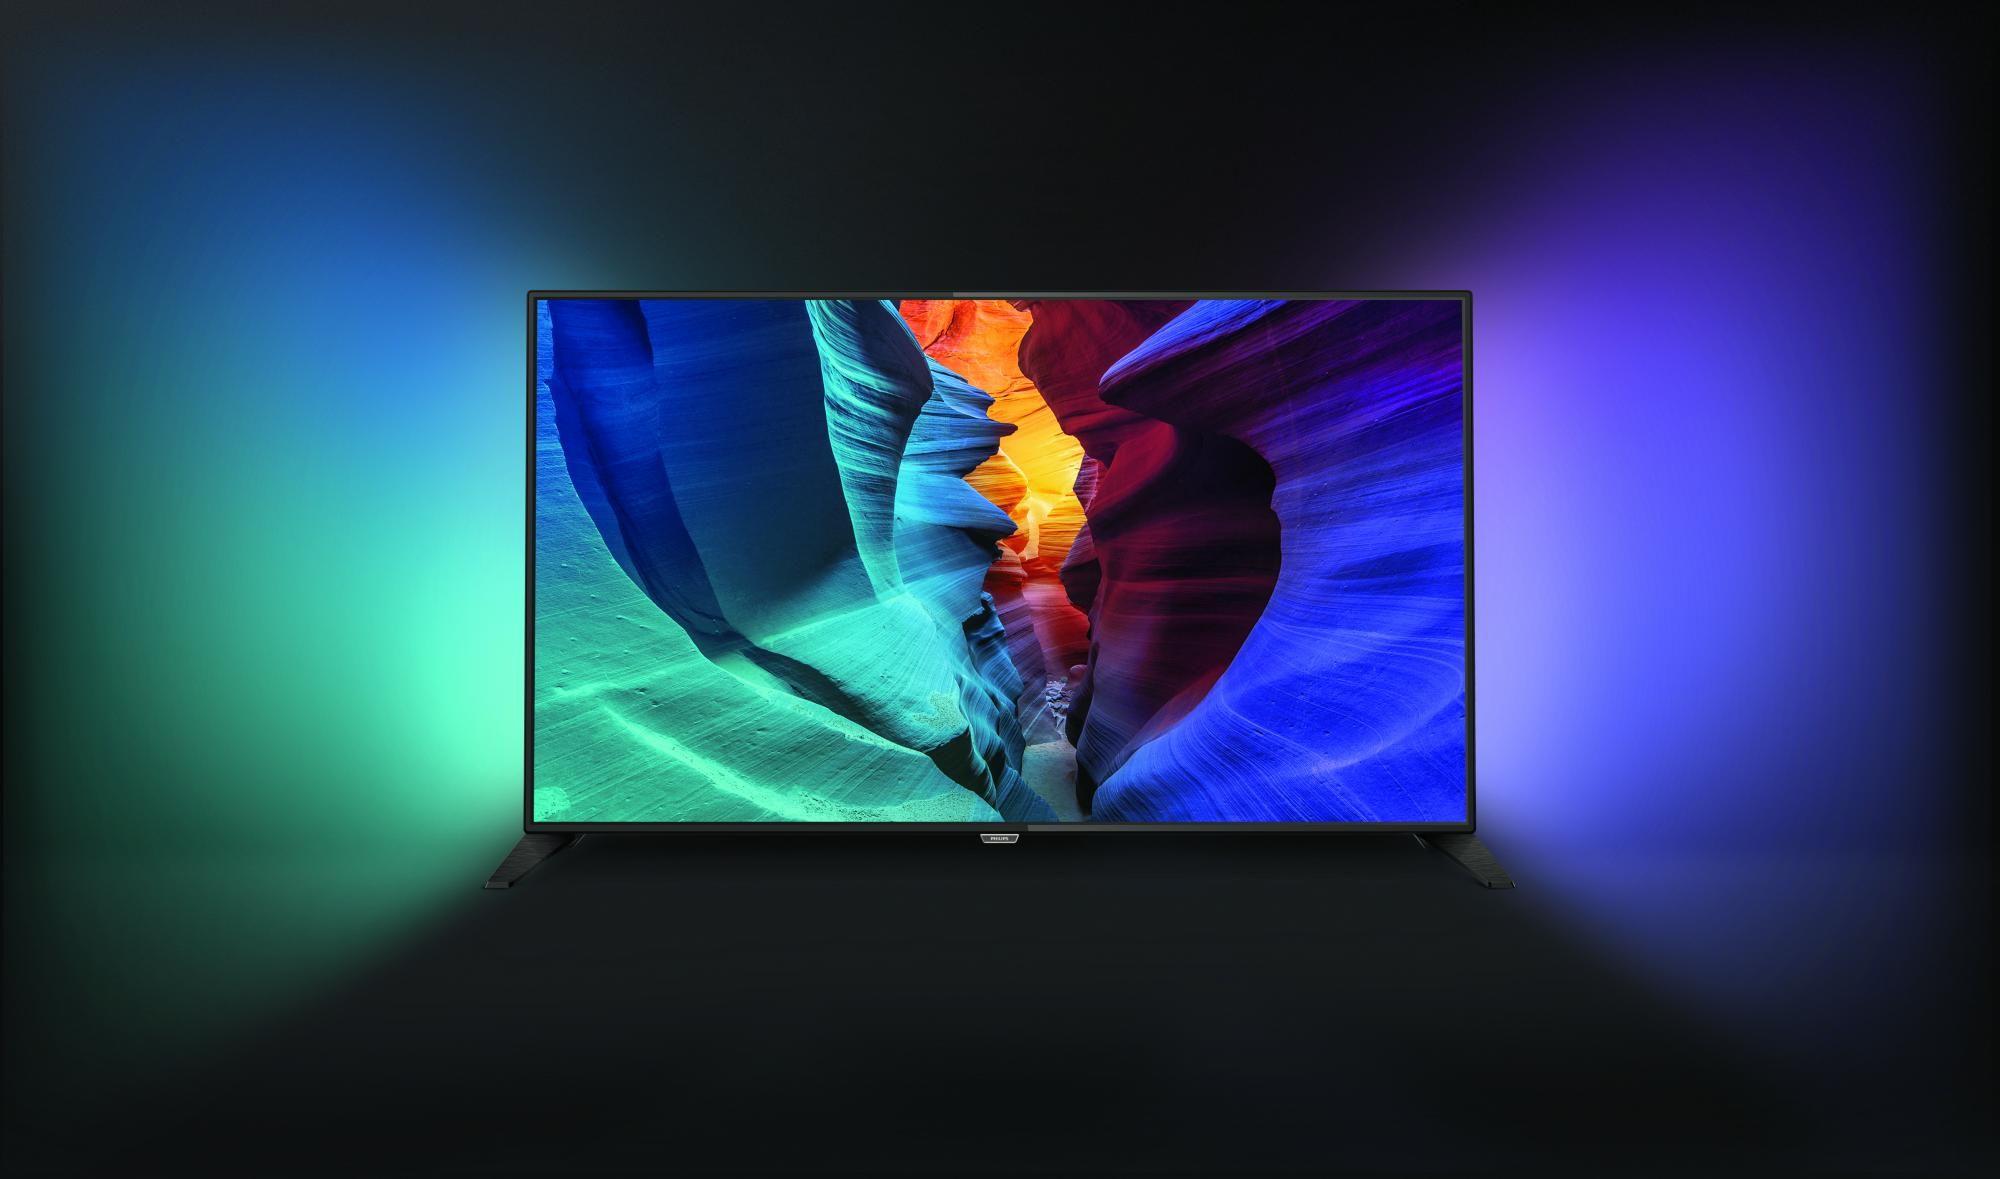 ccdd302fd Podsvietený Ambilight navždy zmení váš zážitok zo sledovania televízie